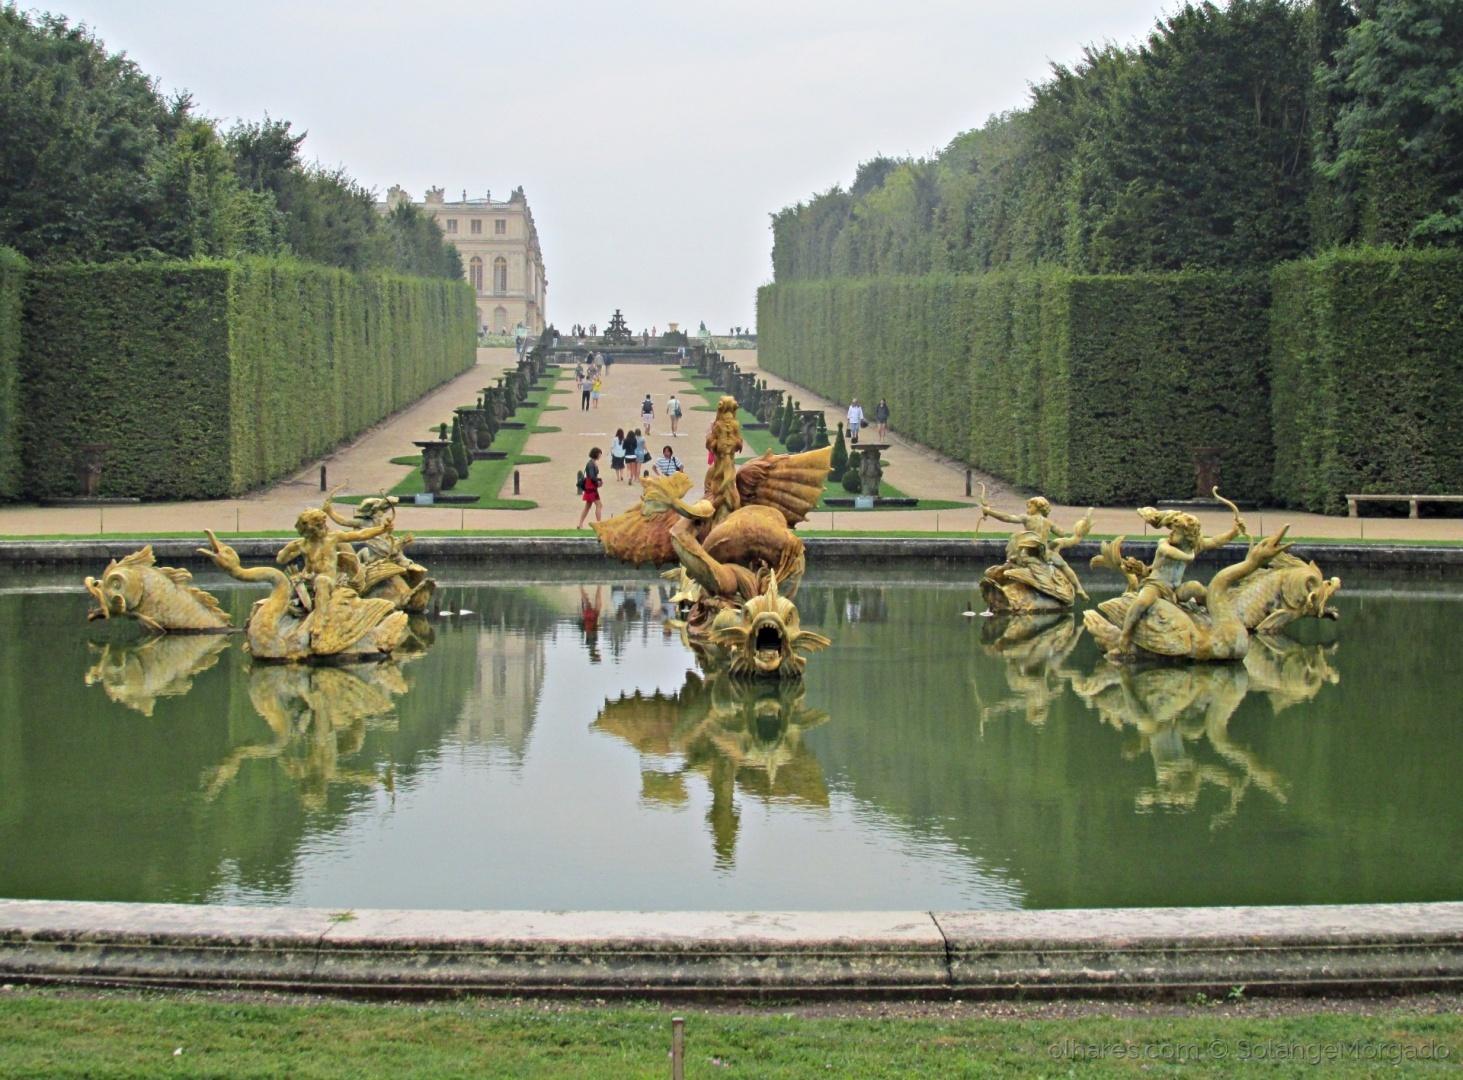 Paisagem Urbana/No Jardim do Palácio de Versailles em dia de chuva